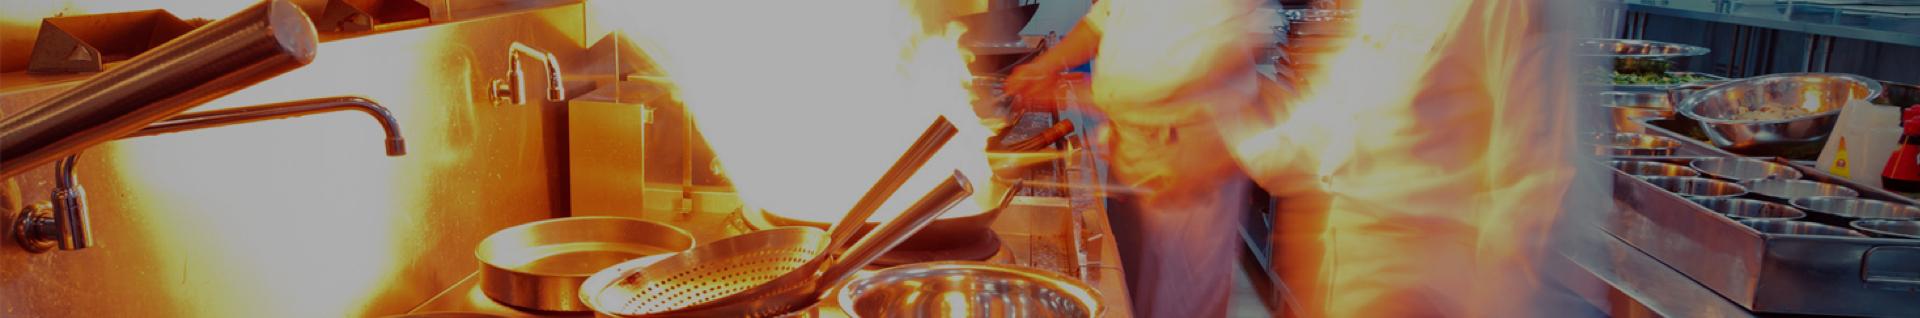 不锈钢商用厨房设备